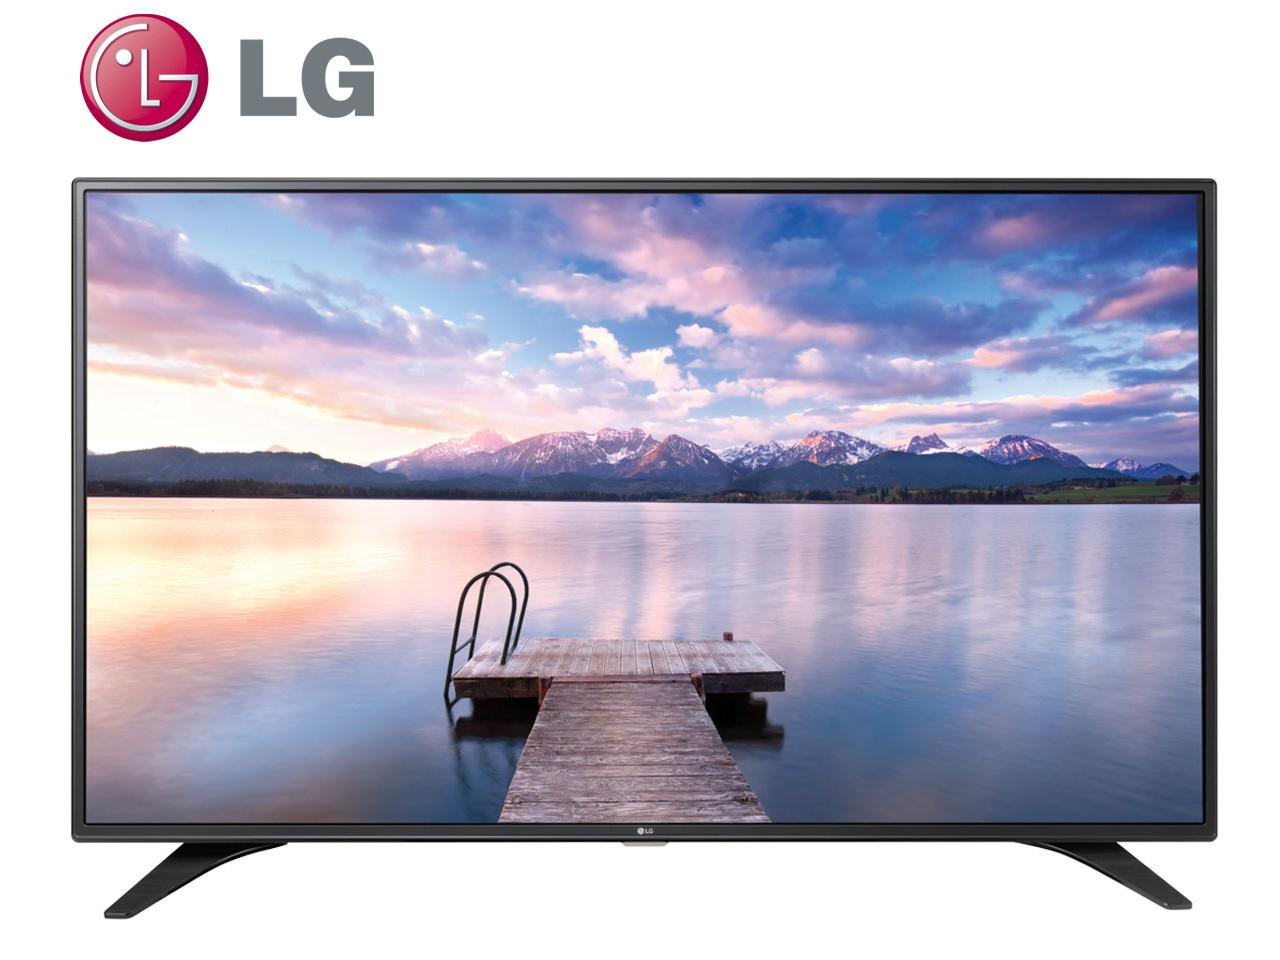 LG 32LW340C + 300 Kč na dárky nebo další nákup | CHAT on-line podpora PO-PÁ 8-22.00!!